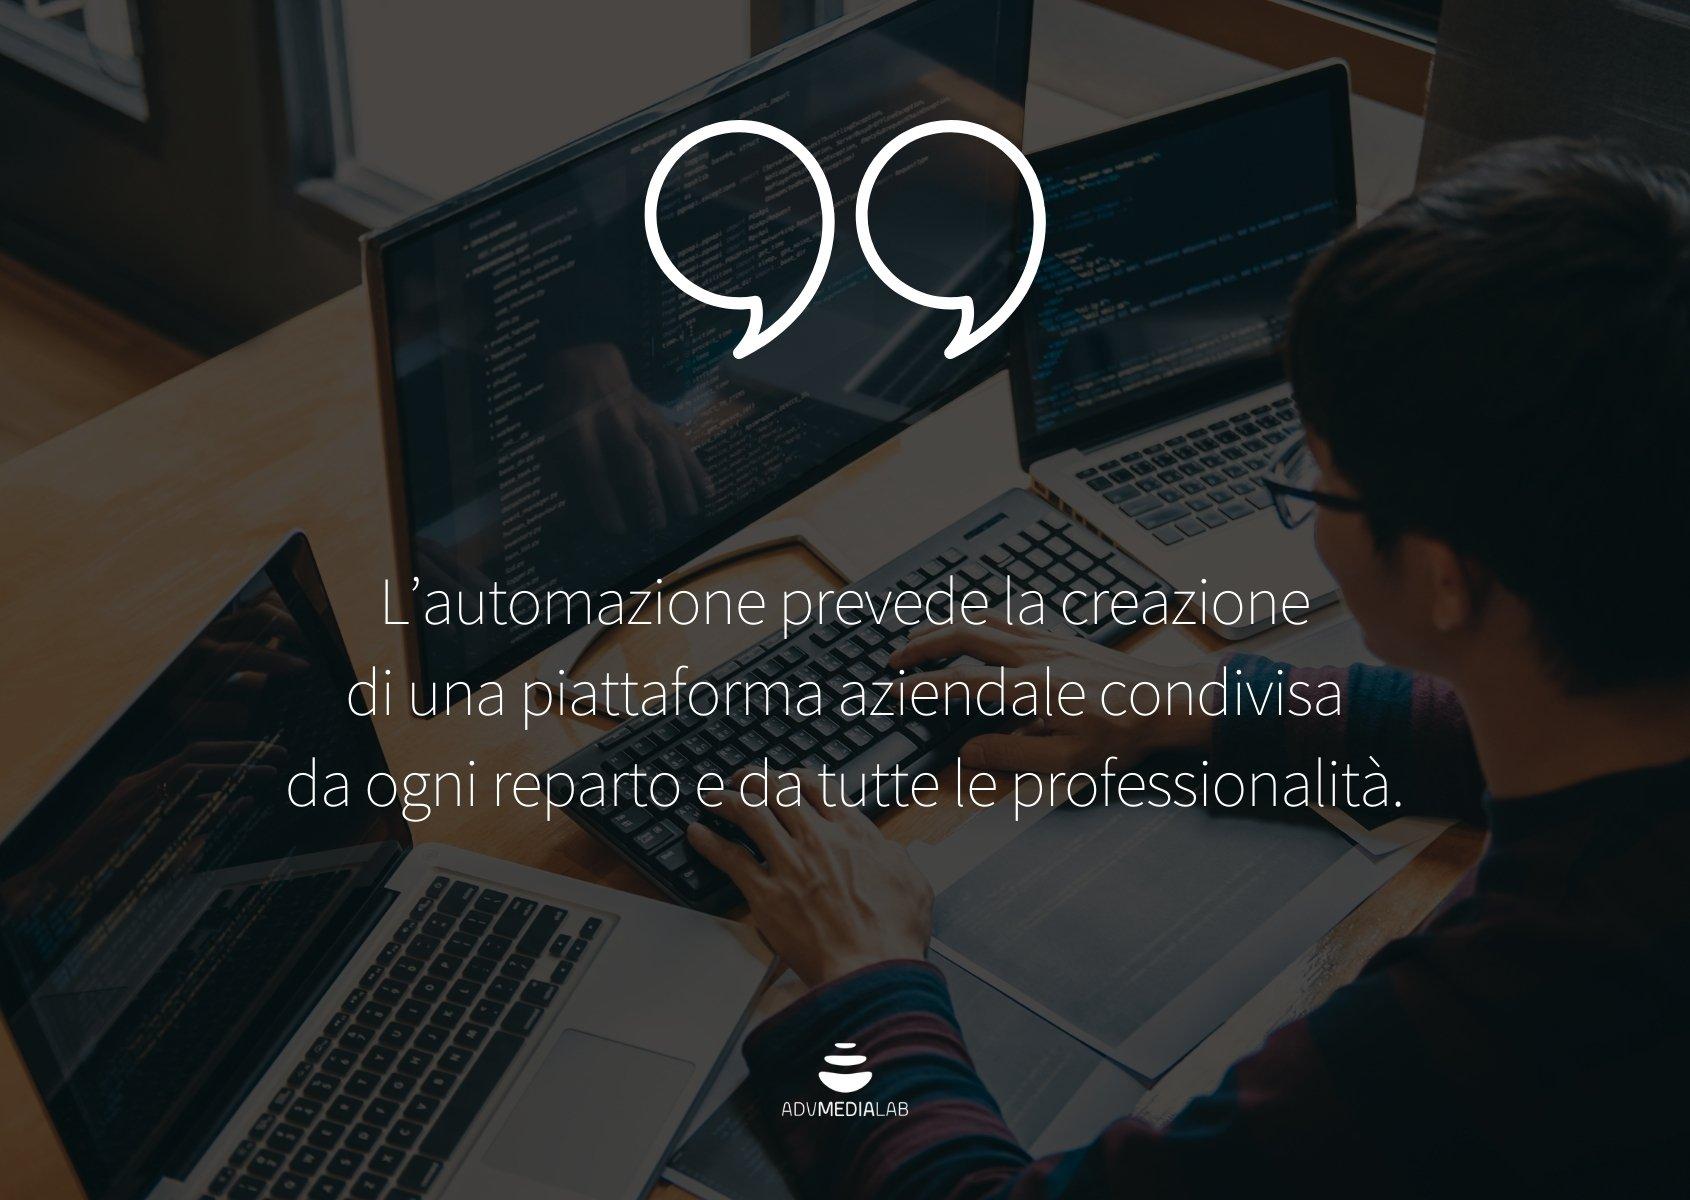 [AML]-salesforceautomation-cit1